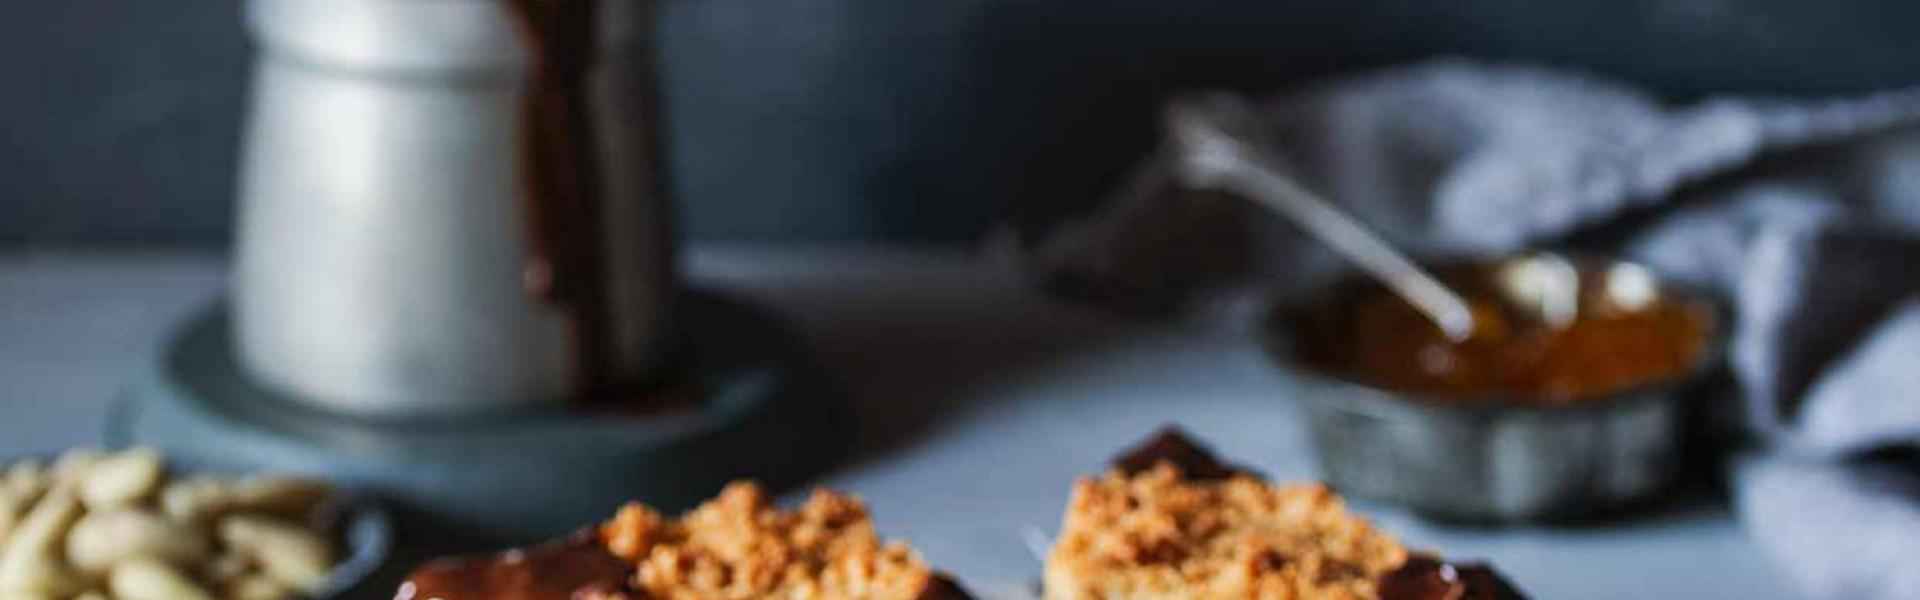 Mehrere Nussecken mit Marzipan auf einem Servierteller.